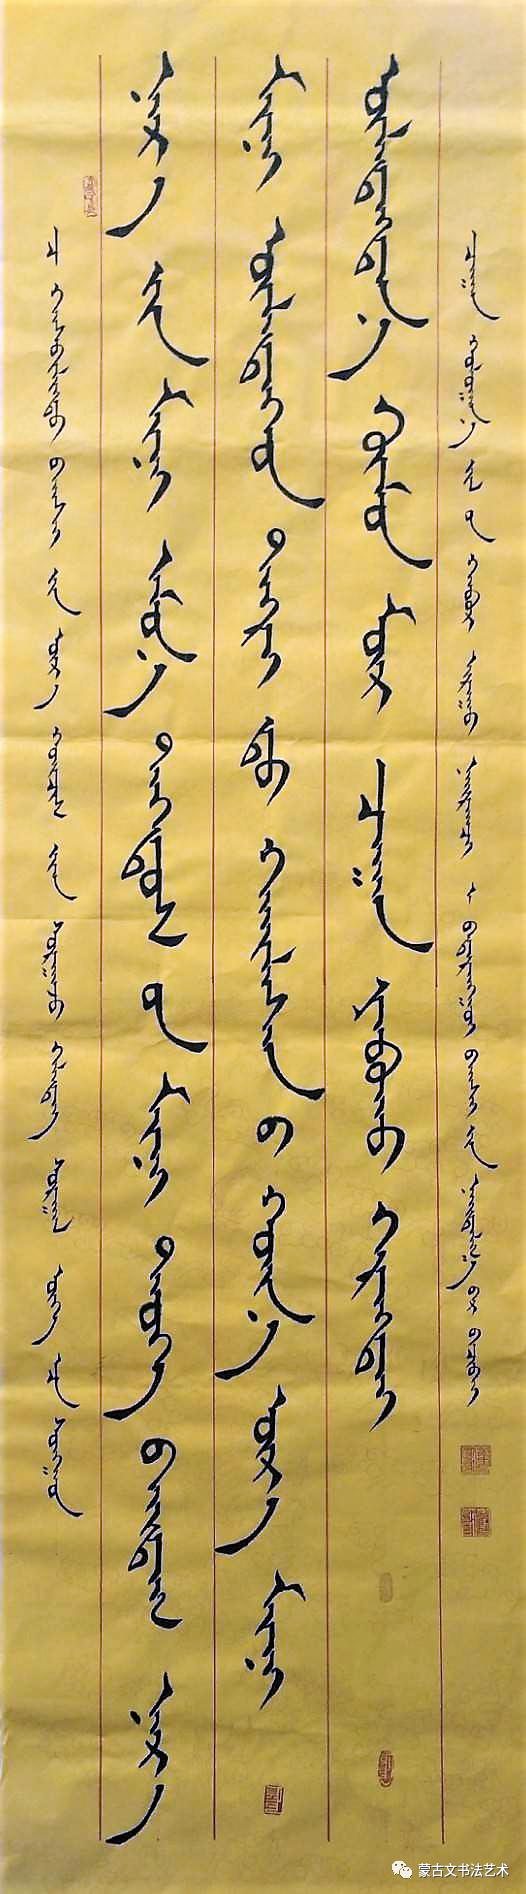 铁龙蒙古文书法 第5张 铁龙蒙古文书法 蒙古书法